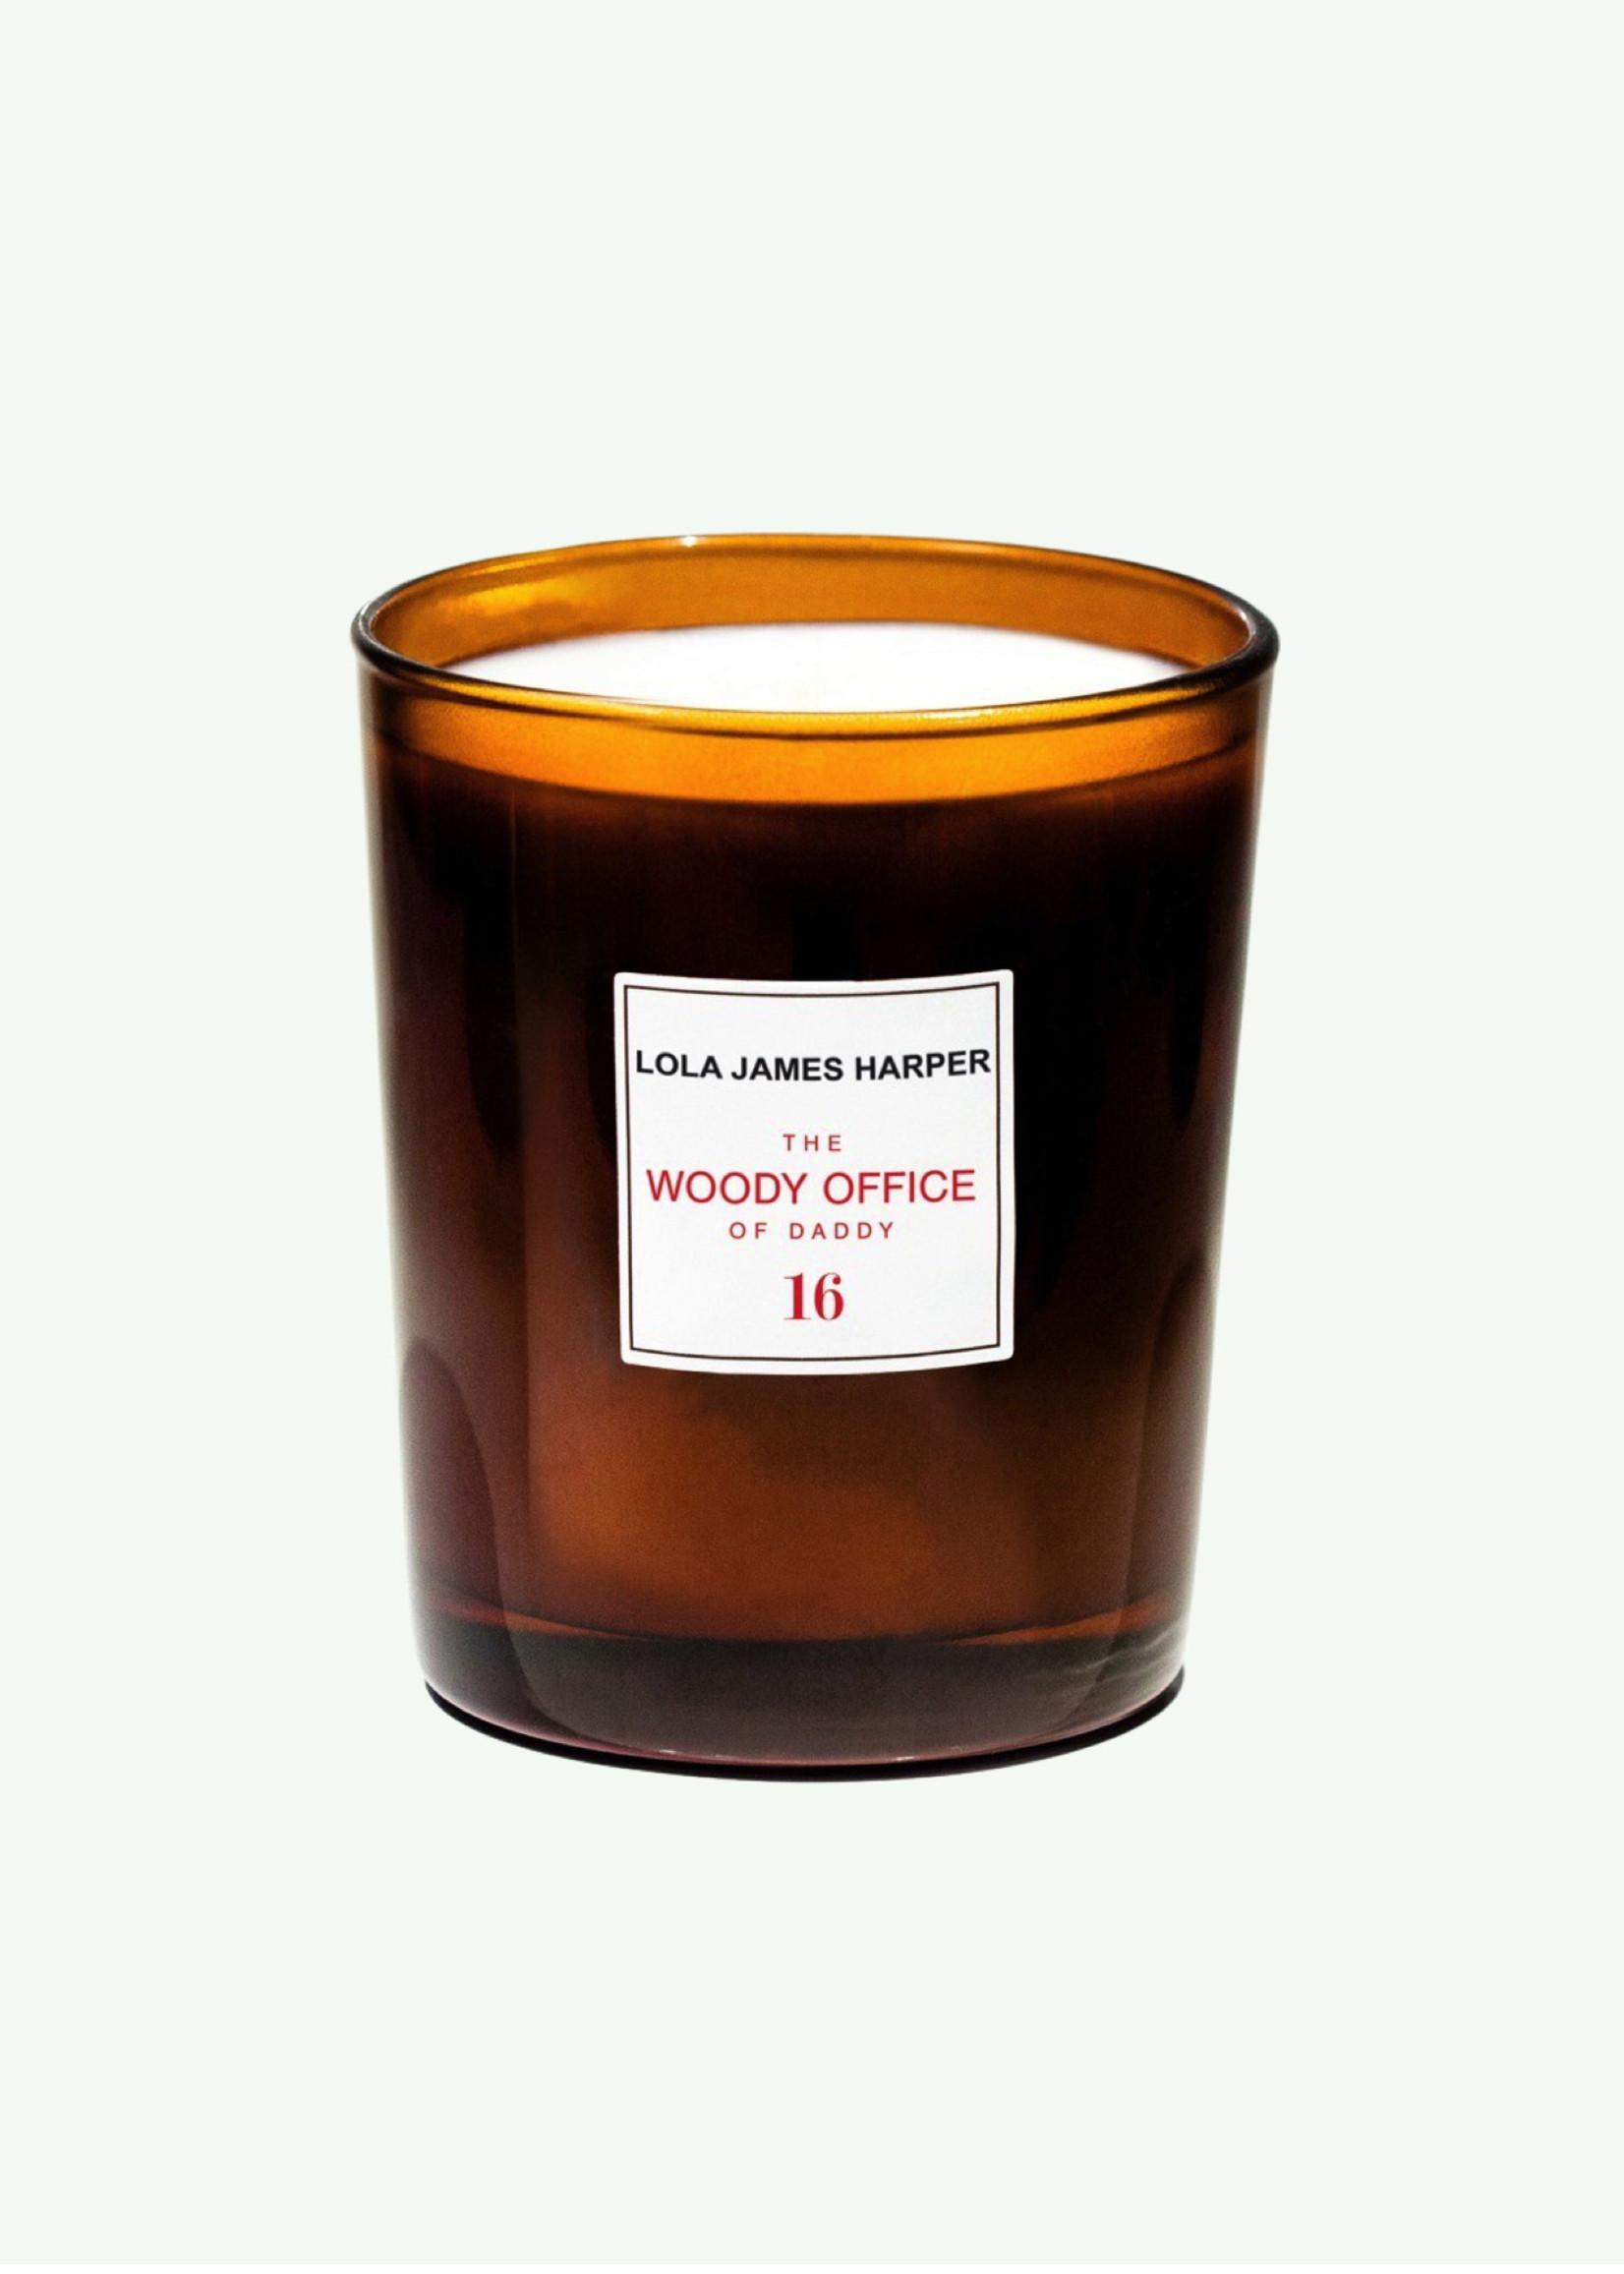 Lola James Harper Lola James Harper - The Woody Office of Daddy - Geurkaars 190 gr